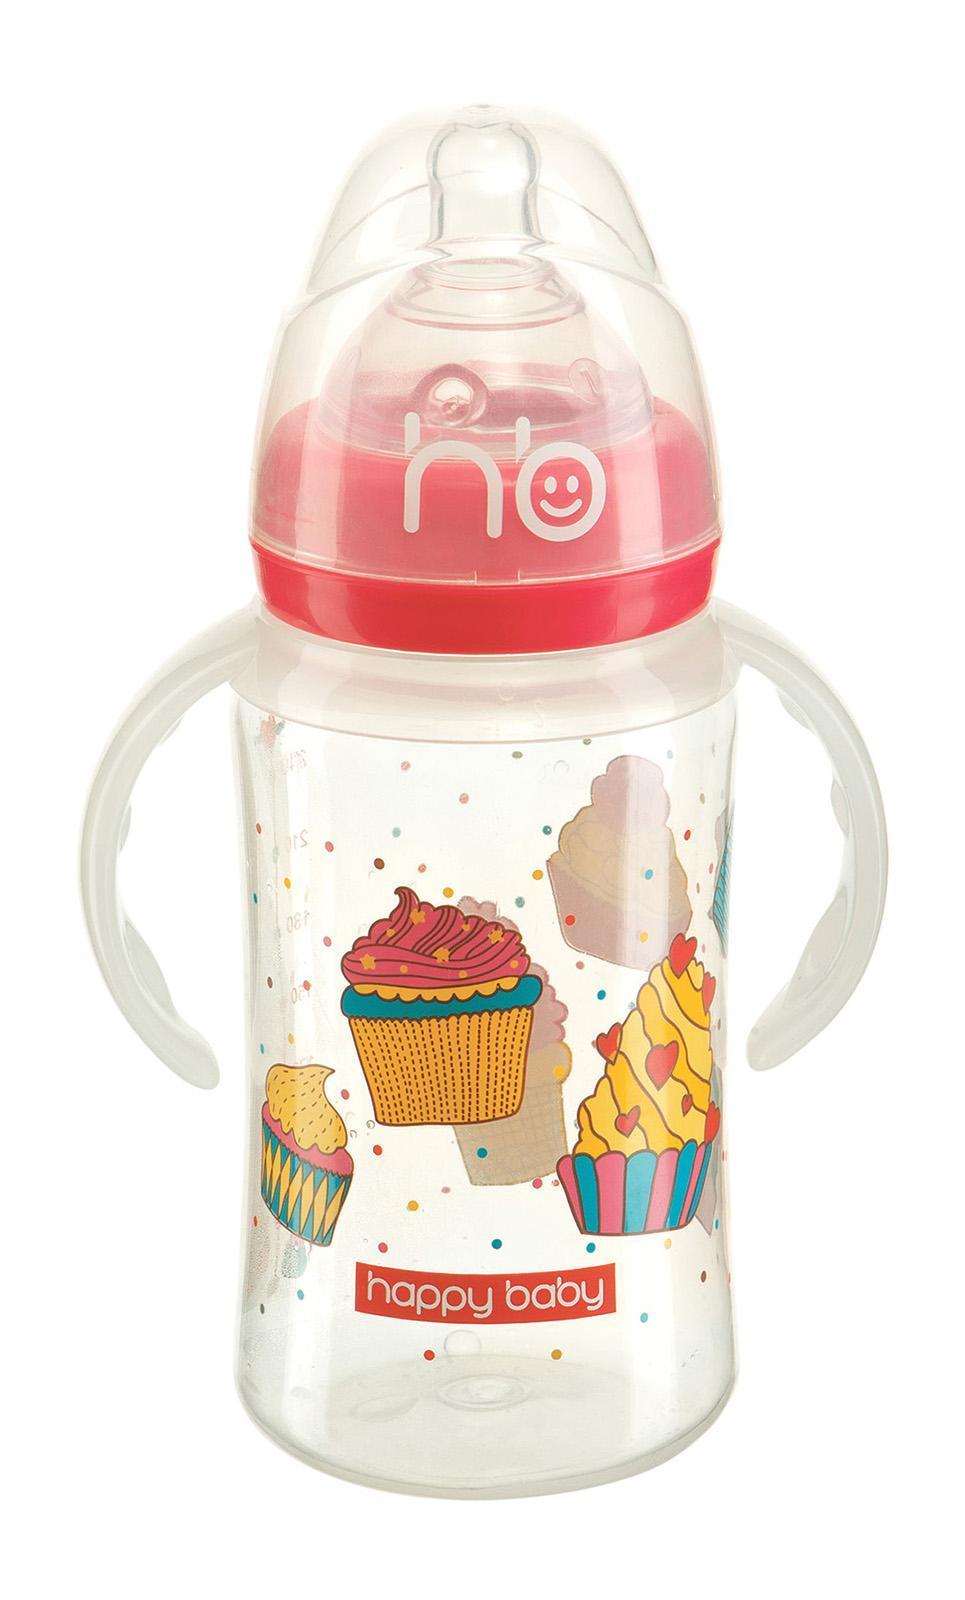 10010 New Red Бутылочка для кормления с ручками